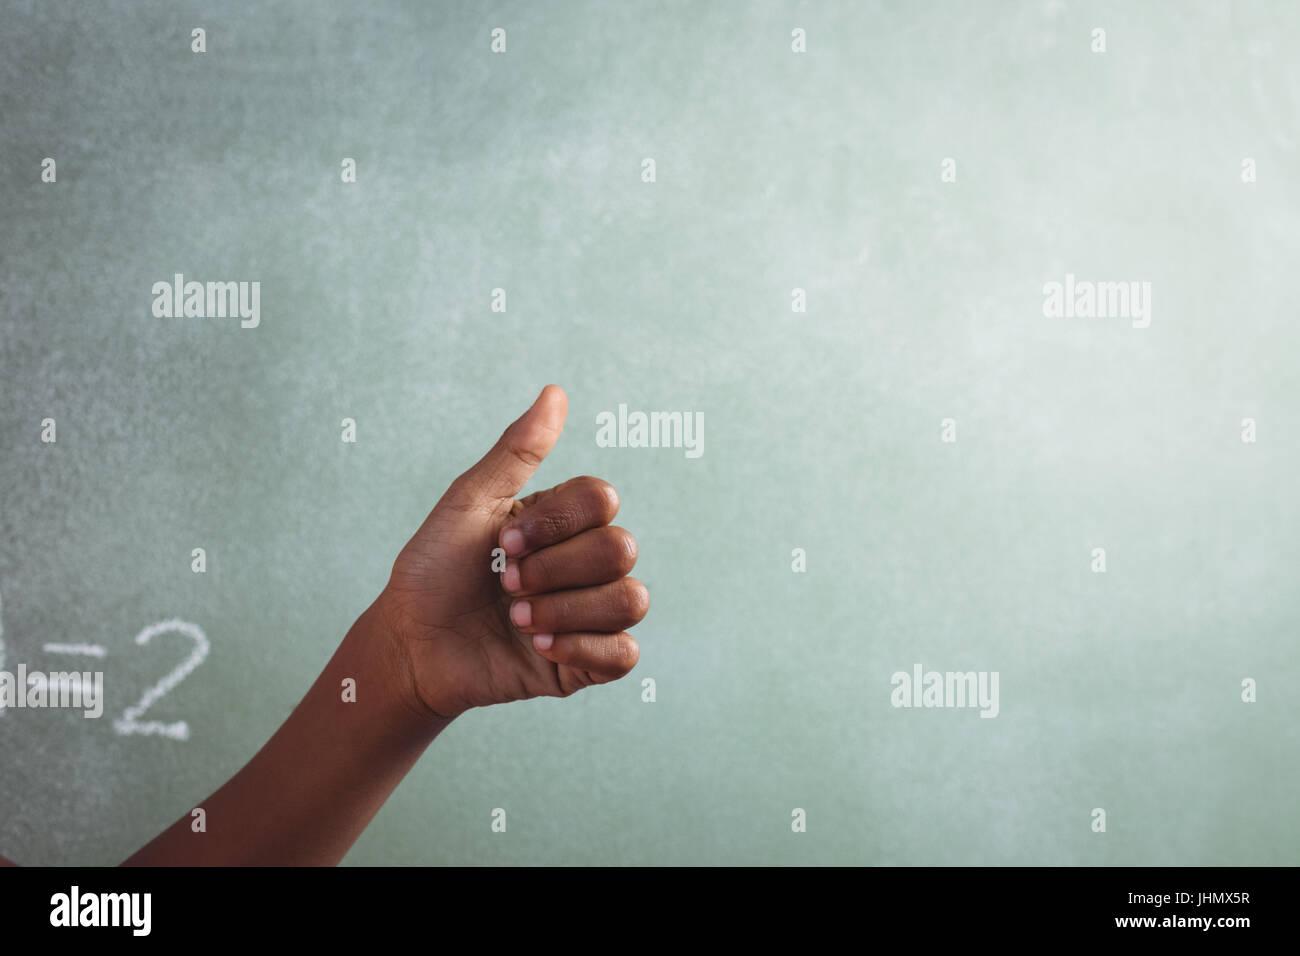 Mano recortada del estudiante mostrando el pulgar contra la pizarra en el aula Imagen De Stock